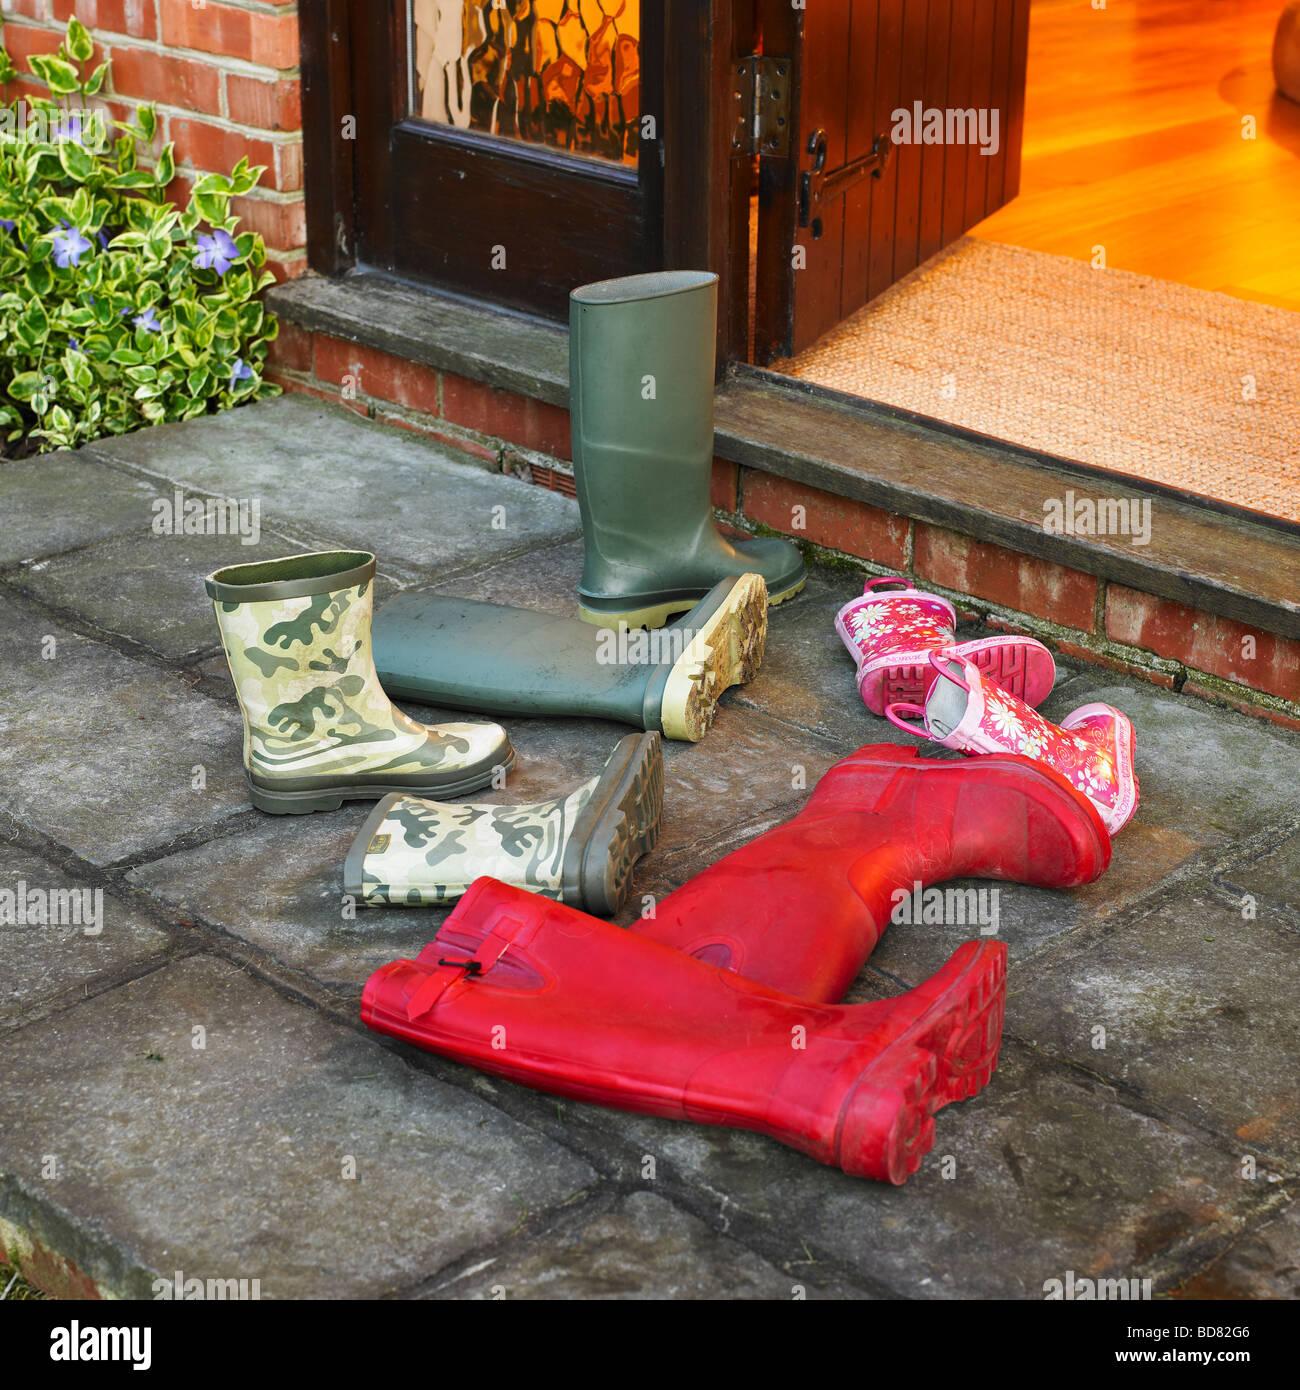 Pressé de rentrer à la maison, une famille bottes laissés à l'extérieur de la porte Photo Stock